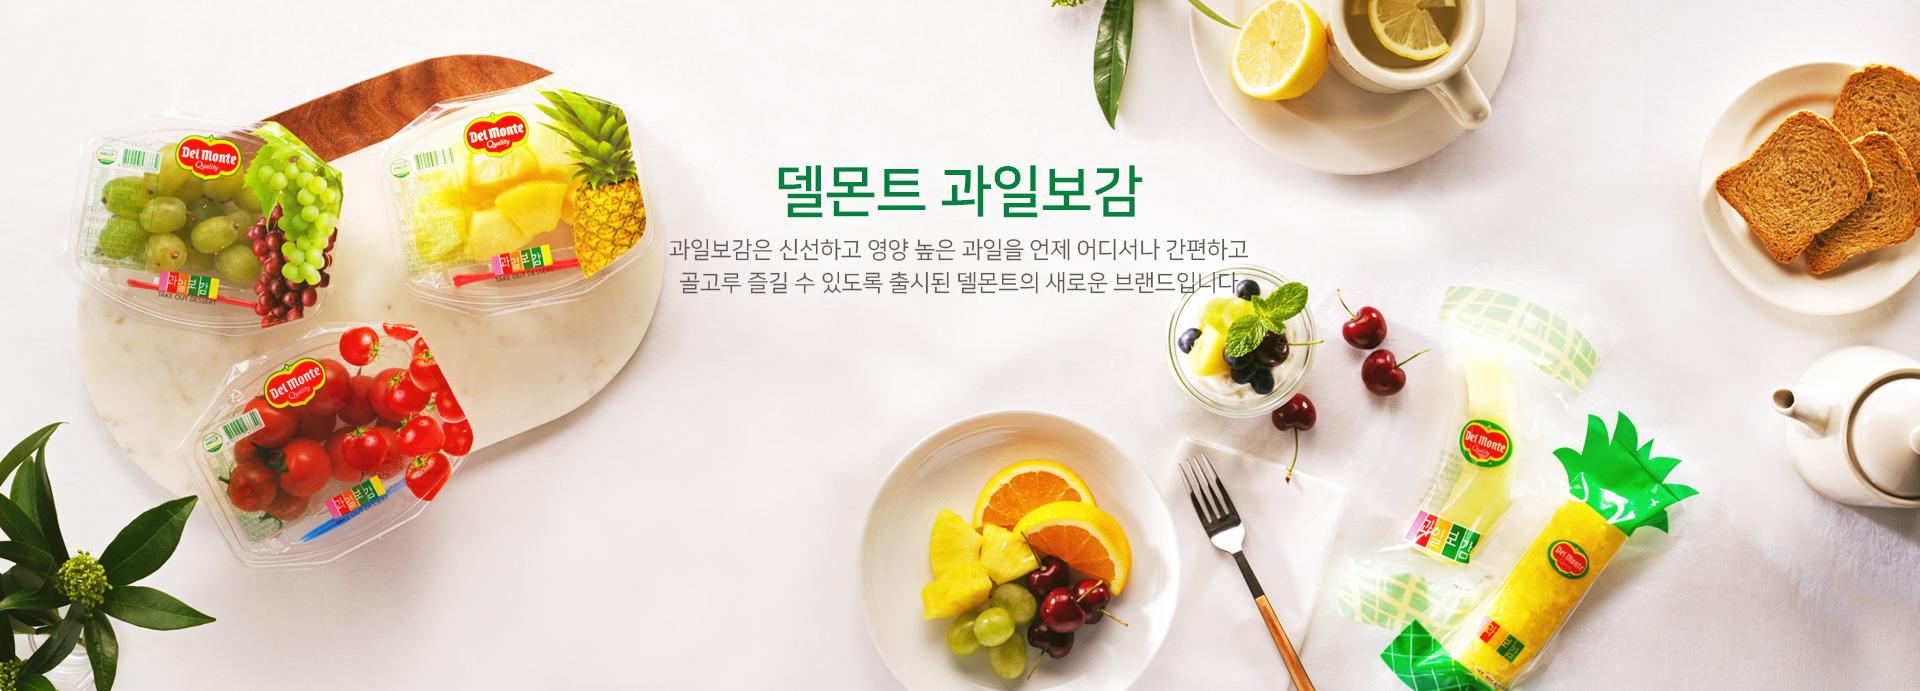 델몬트 과일보감 과일보감은 신선하고 영양 높은 과일을 언제 어디서나 간편하고 골고루 즐길 수 있도록 출시된 델몬트의 새로운 브랜드 입니다.